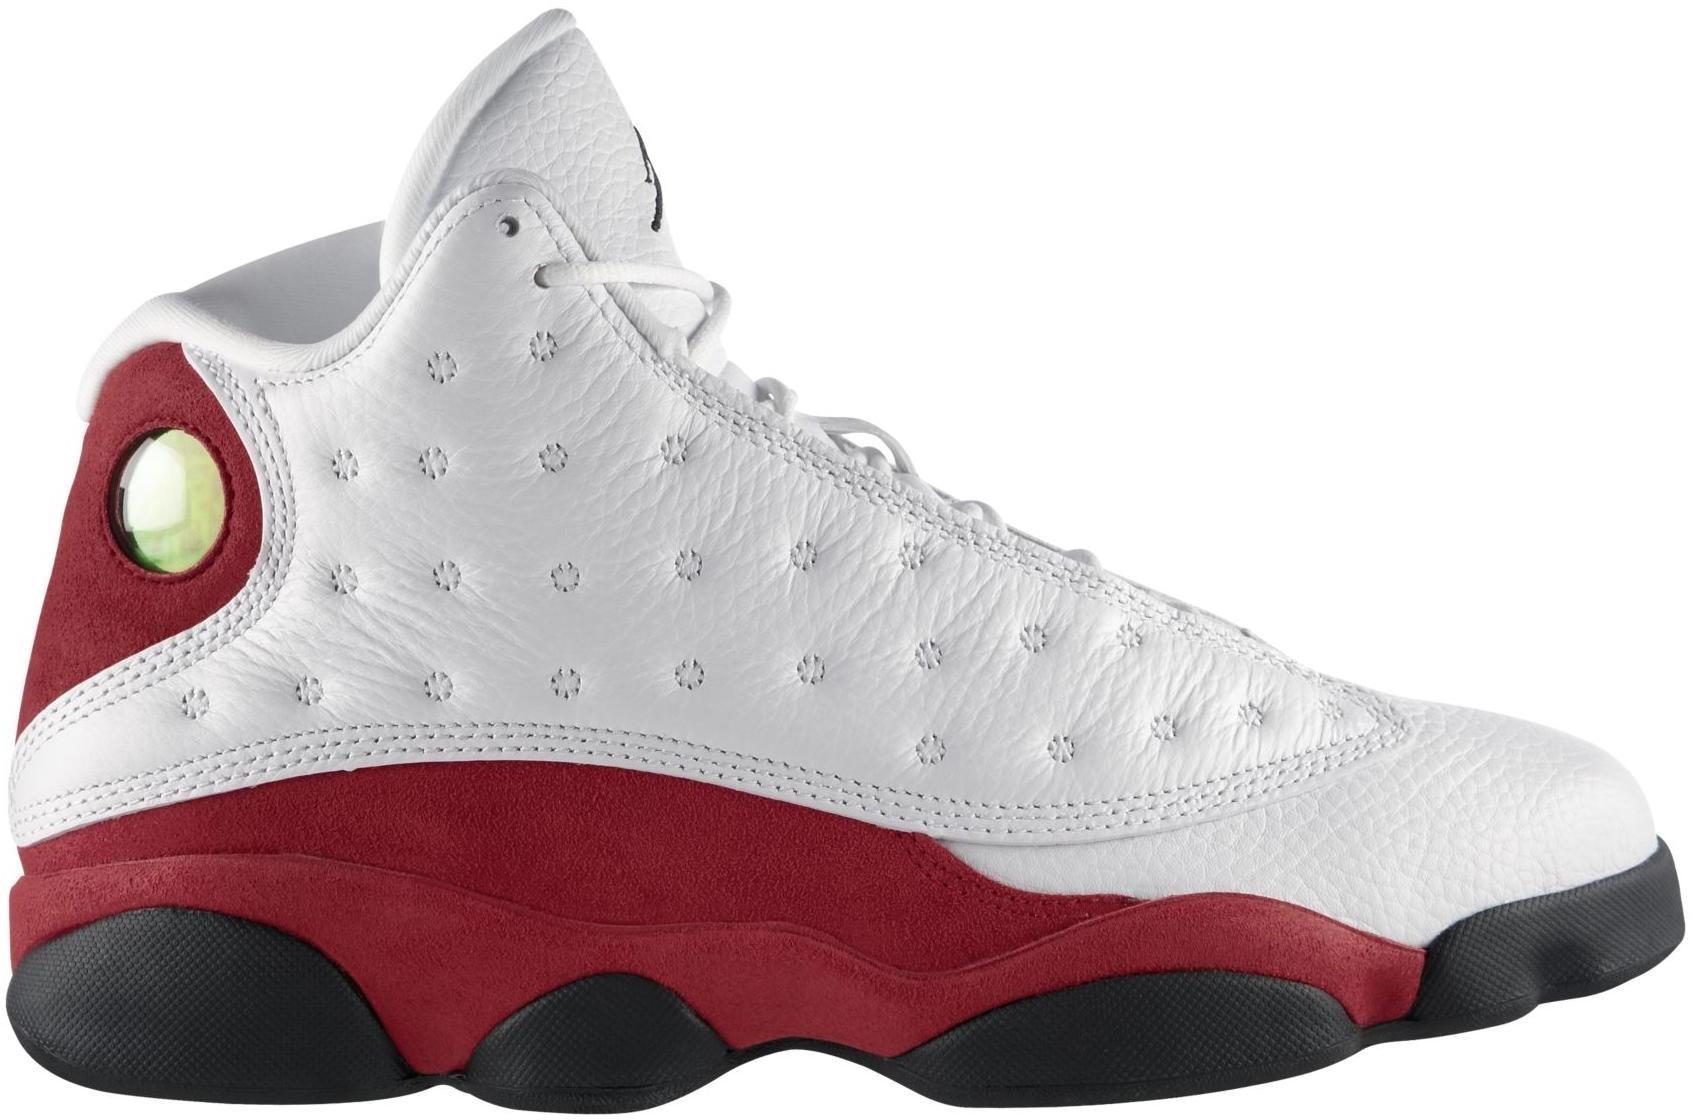 Jordan 13 Retro Cherry (2010)